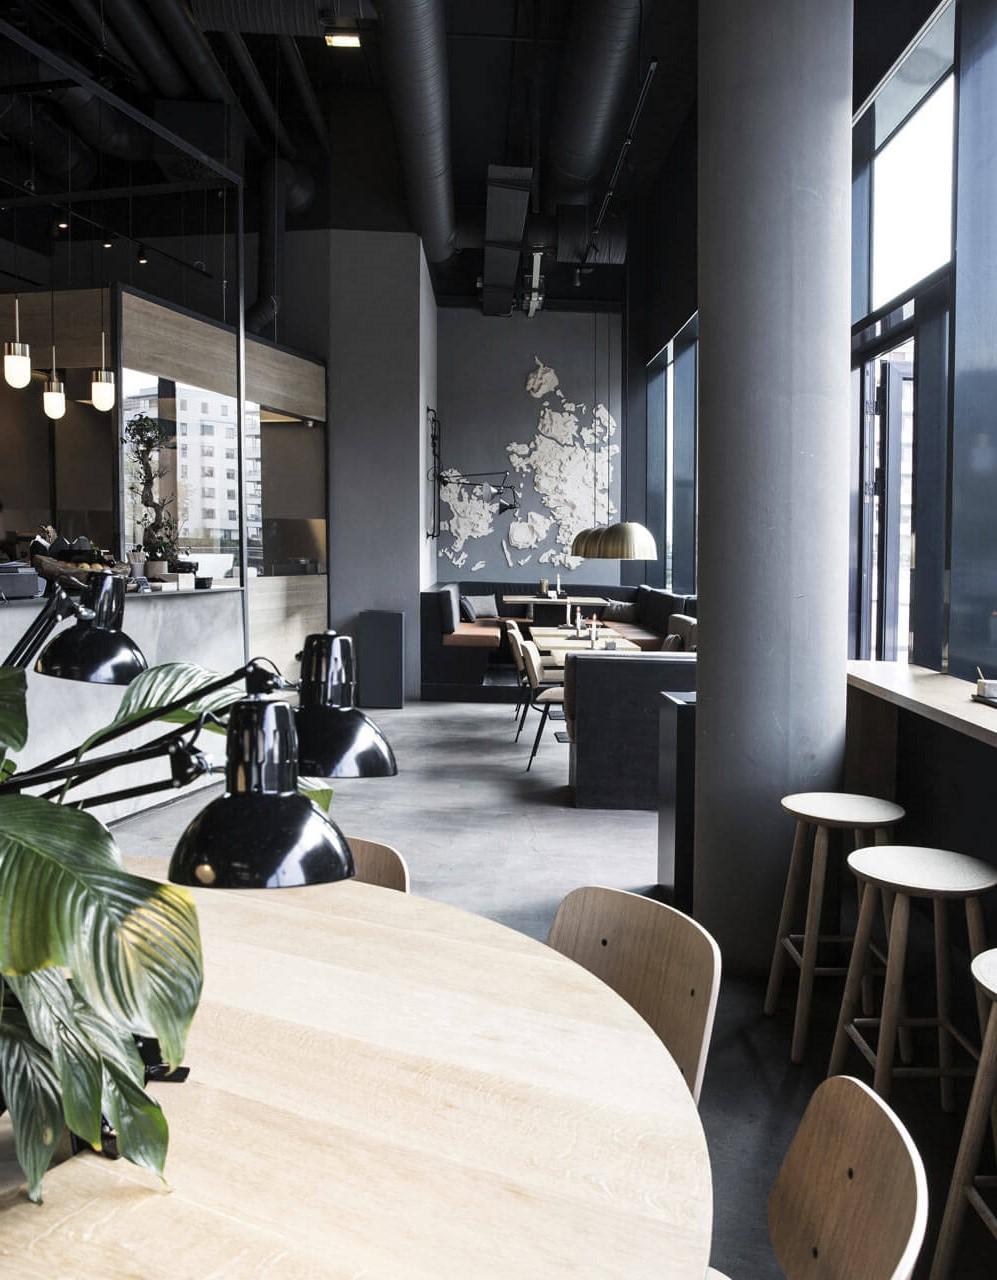 quán cafe phong cách scandinavian hiện đại